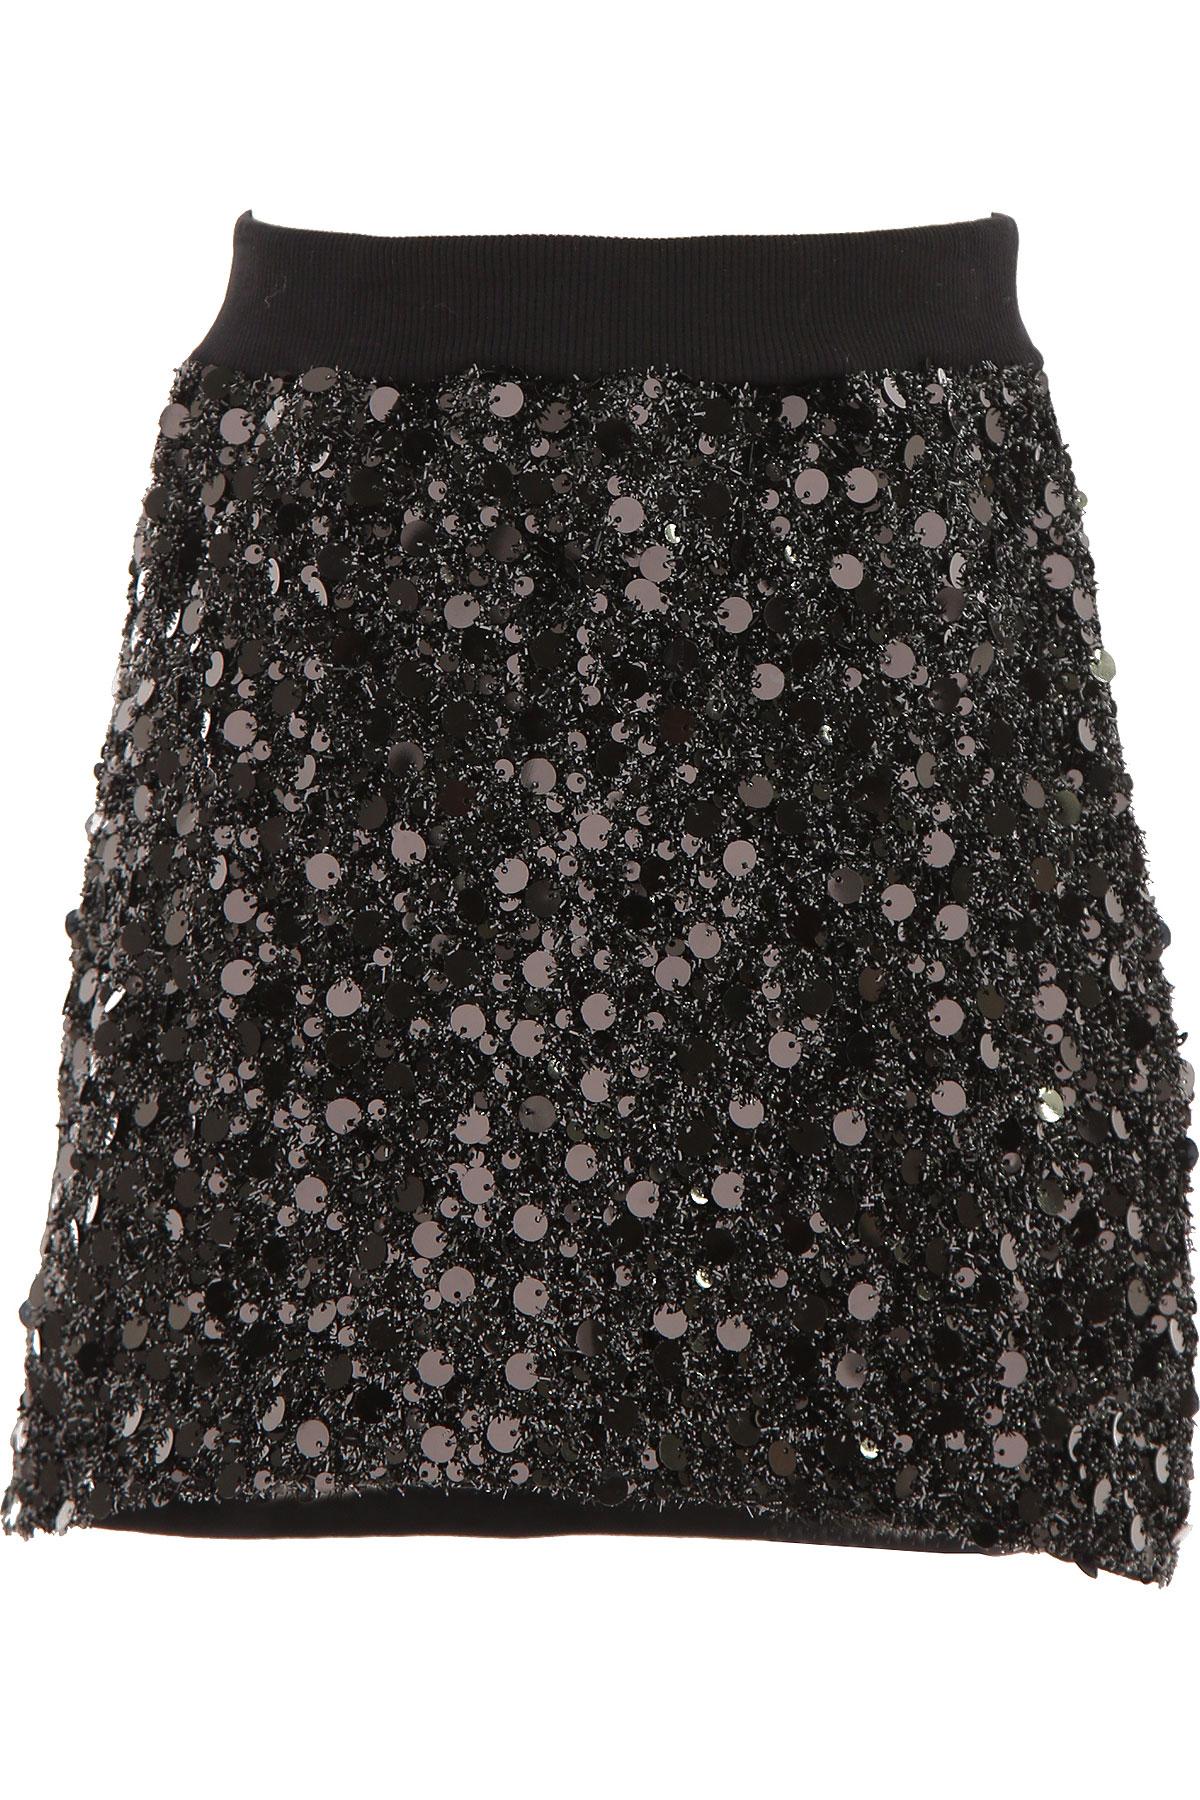 Gaelle Kids Skirts for Girls On Sale, Black, polyester, 2019, 10Y 12Y 14Y 16Y 4Y 6Y 8Y